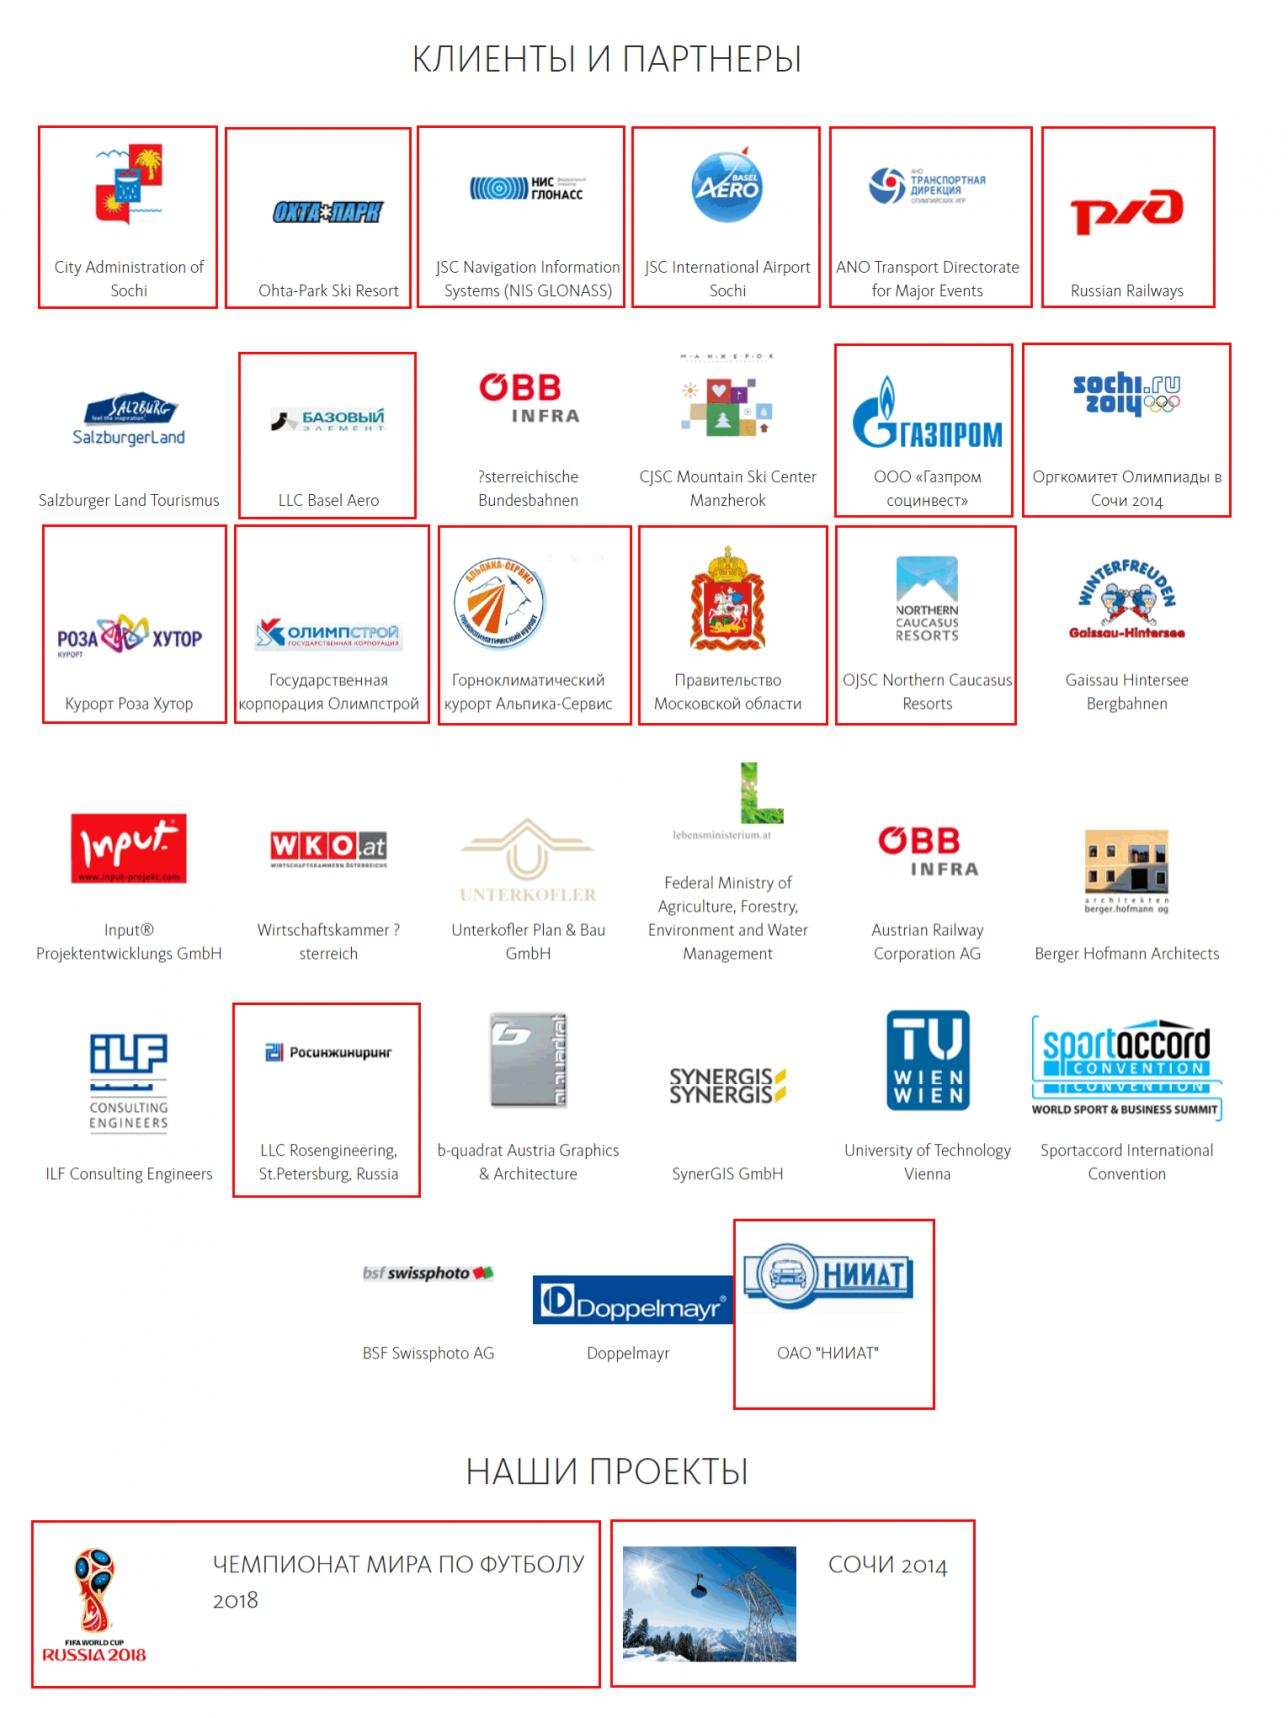 Клиенты и партнёры компании Masterconcept